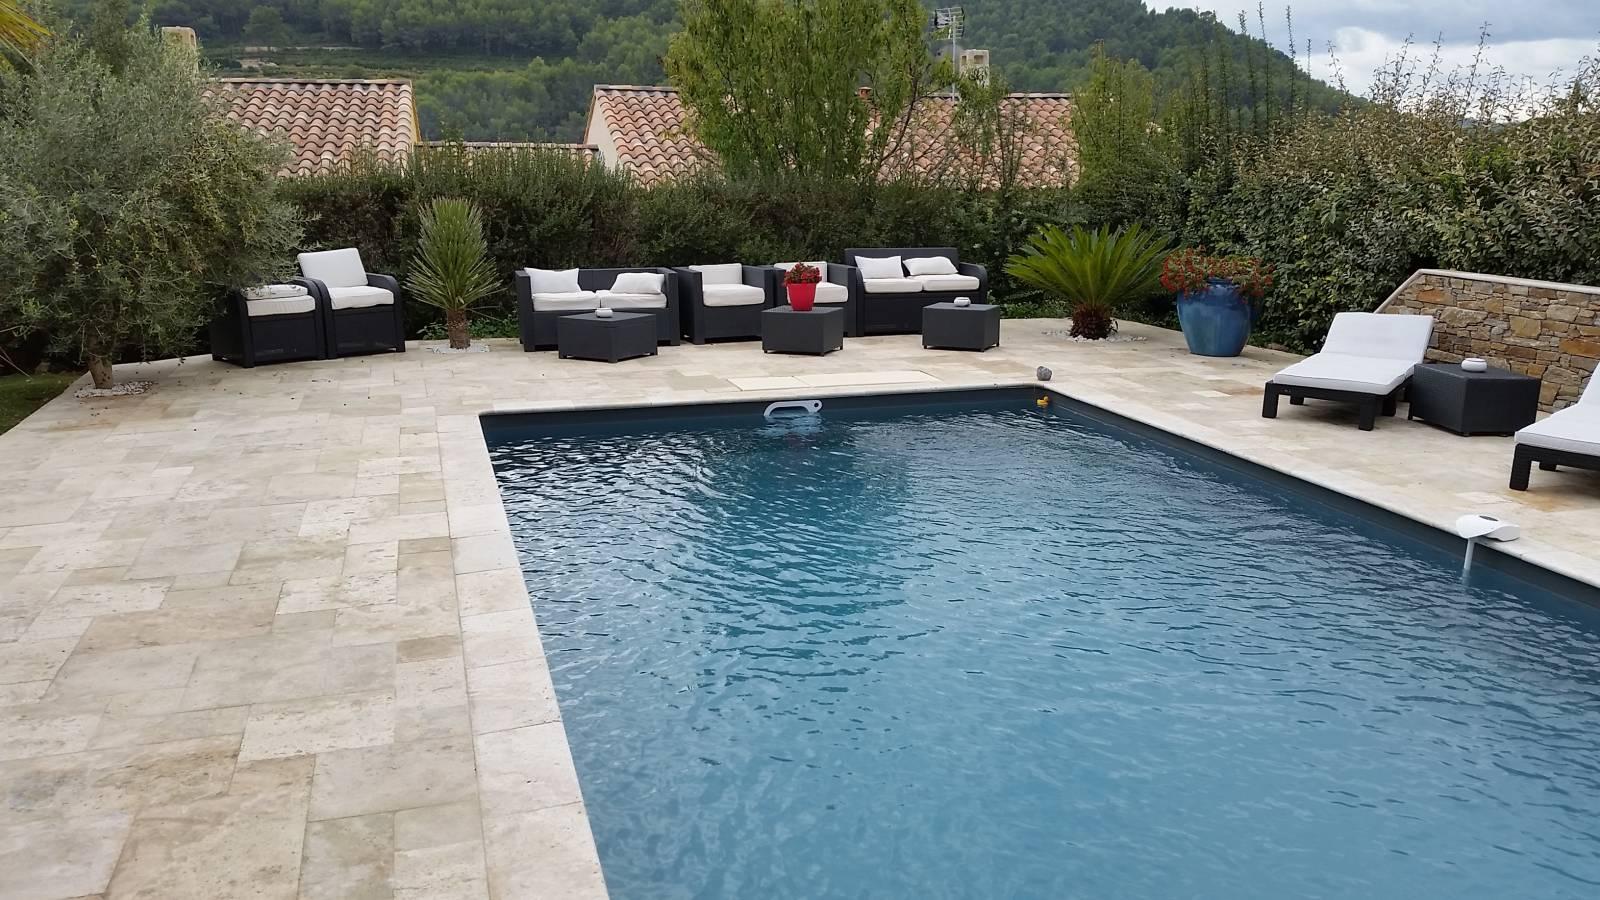 awesome piscine en travertin ideas. Black Bedroom Furniture Sets. Home Design Ideas